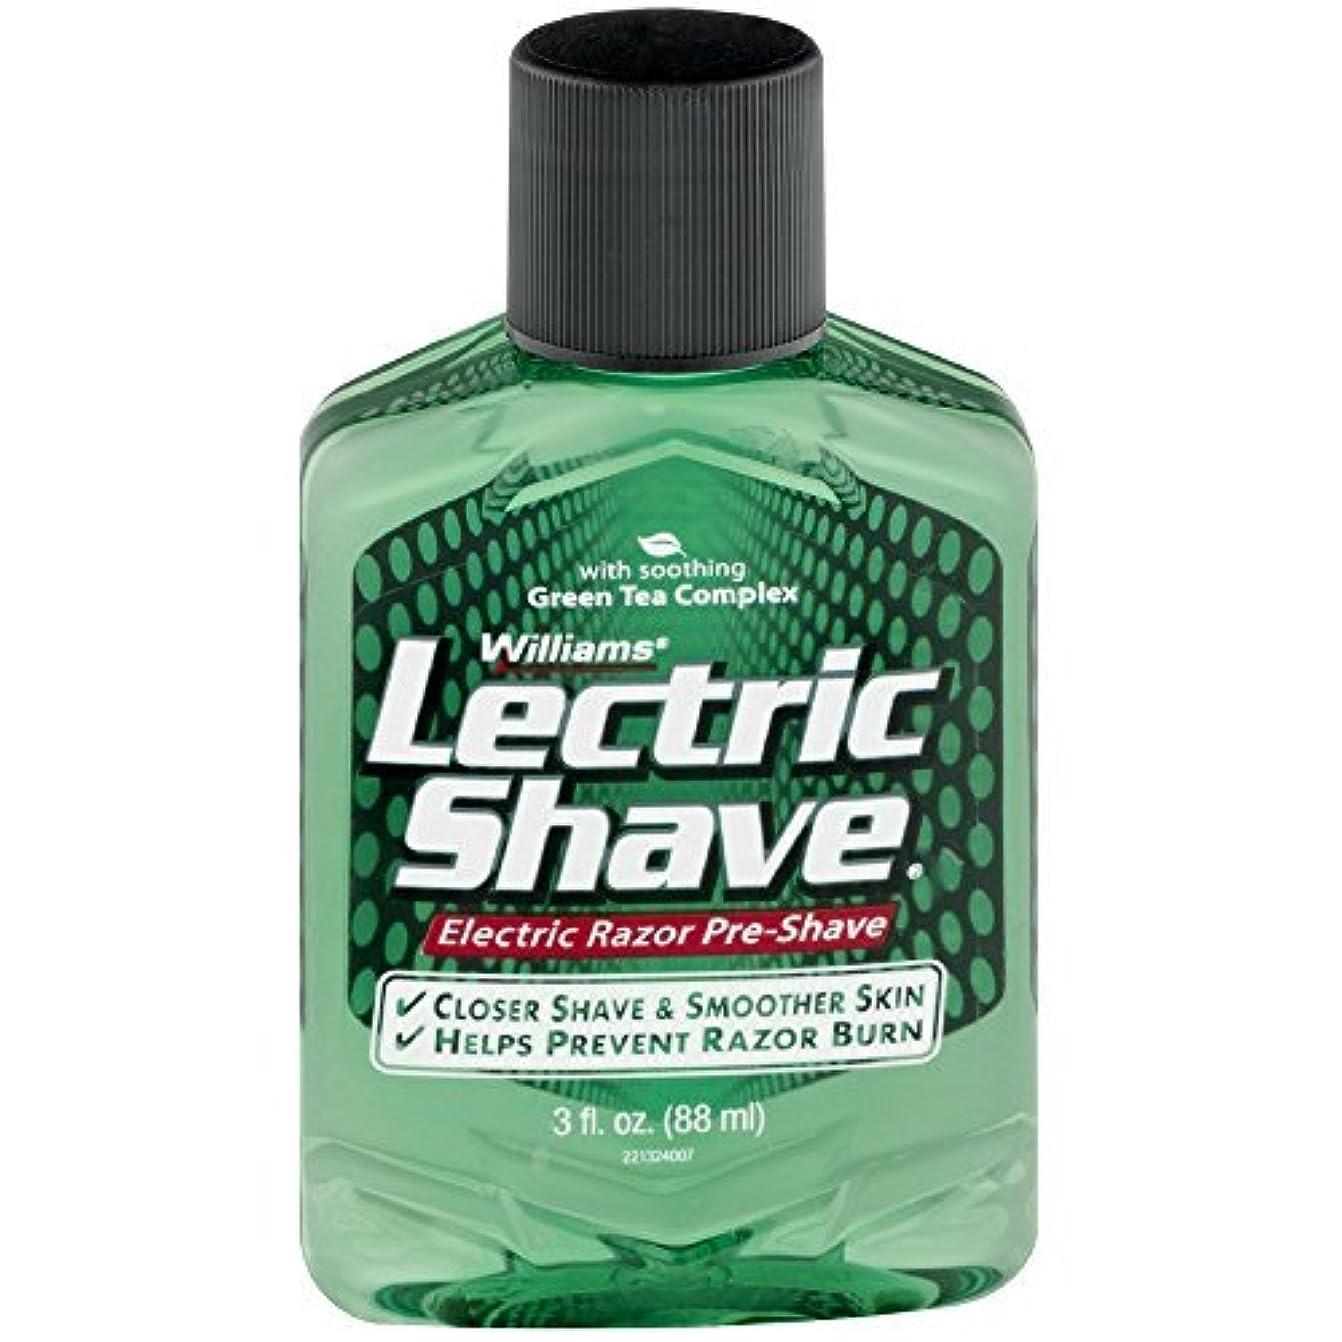 微弱ケントセーターLectric Shave Pre-Shave Original 3 oz (Pack of 3) [並行輸入品]